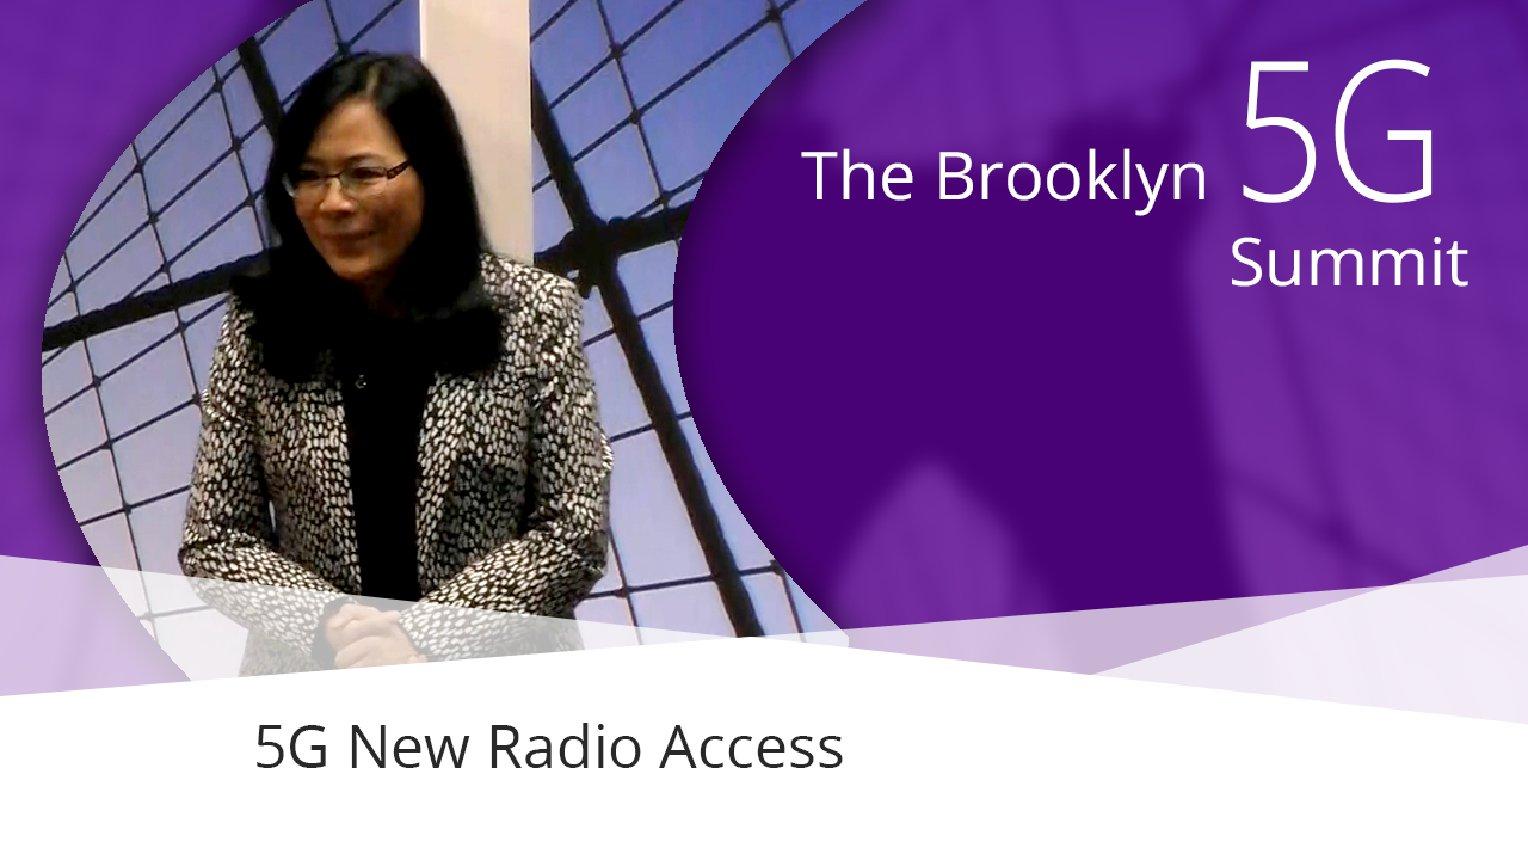 5G New Radio Access - Peiying Zhu: Brooklyn 5G Summit 2017